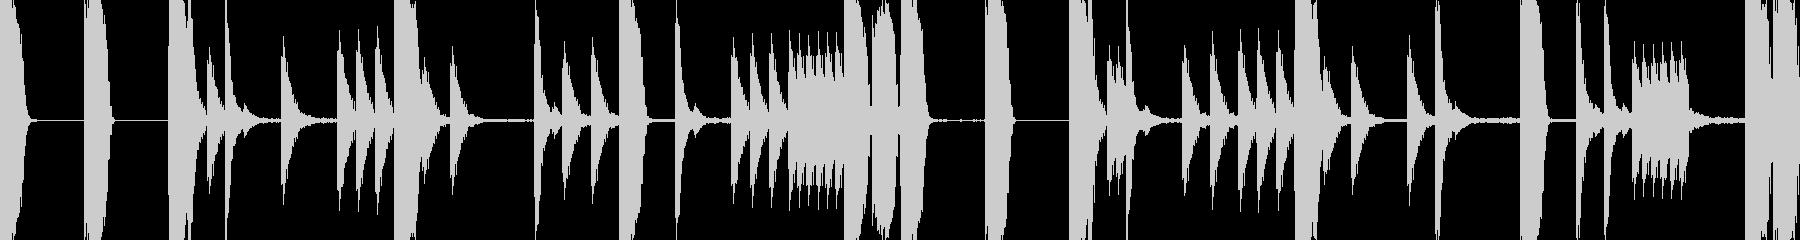 EDM シンプルかつソリッドなビートの未再生の波形